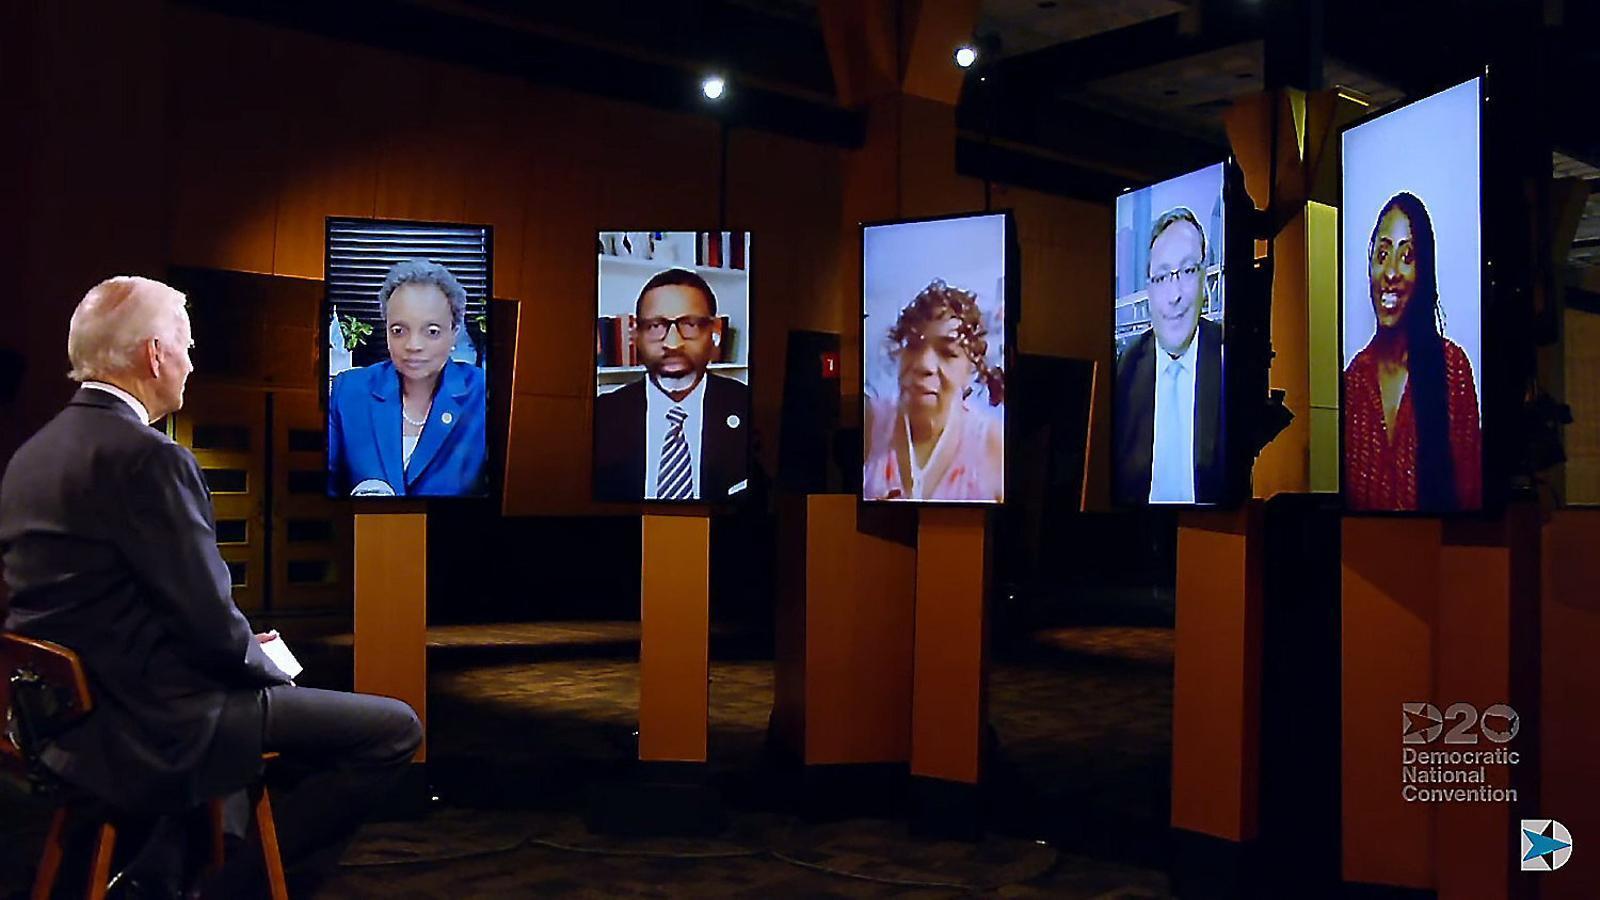 Els demòcrates aposten per 17 oradors diferents